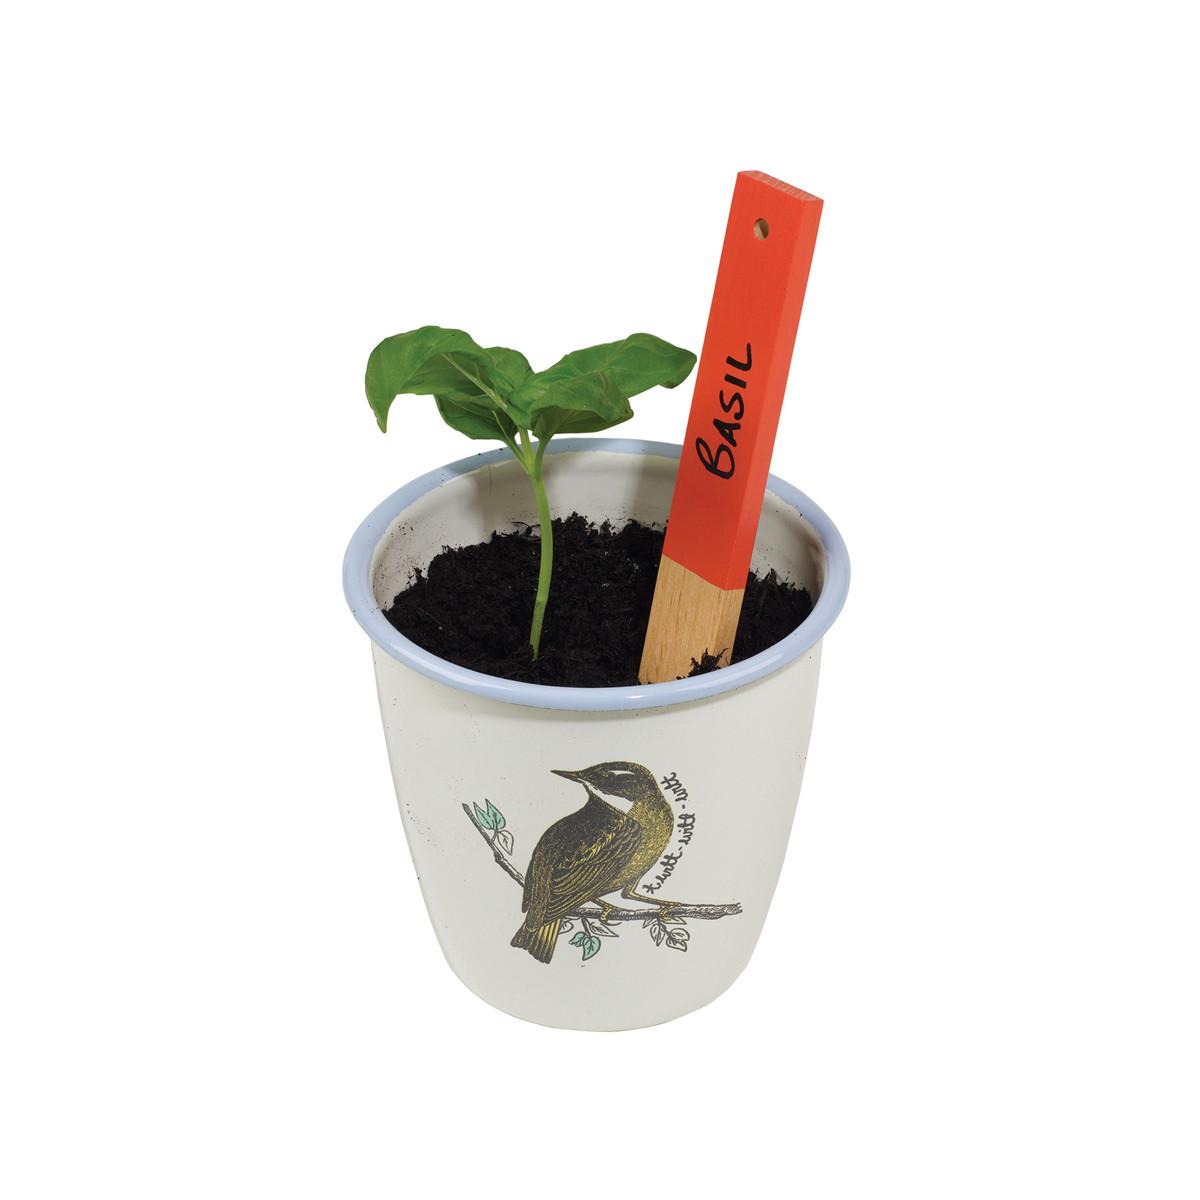 Thoughtful Gardener: Enamel Herb Pot Set image